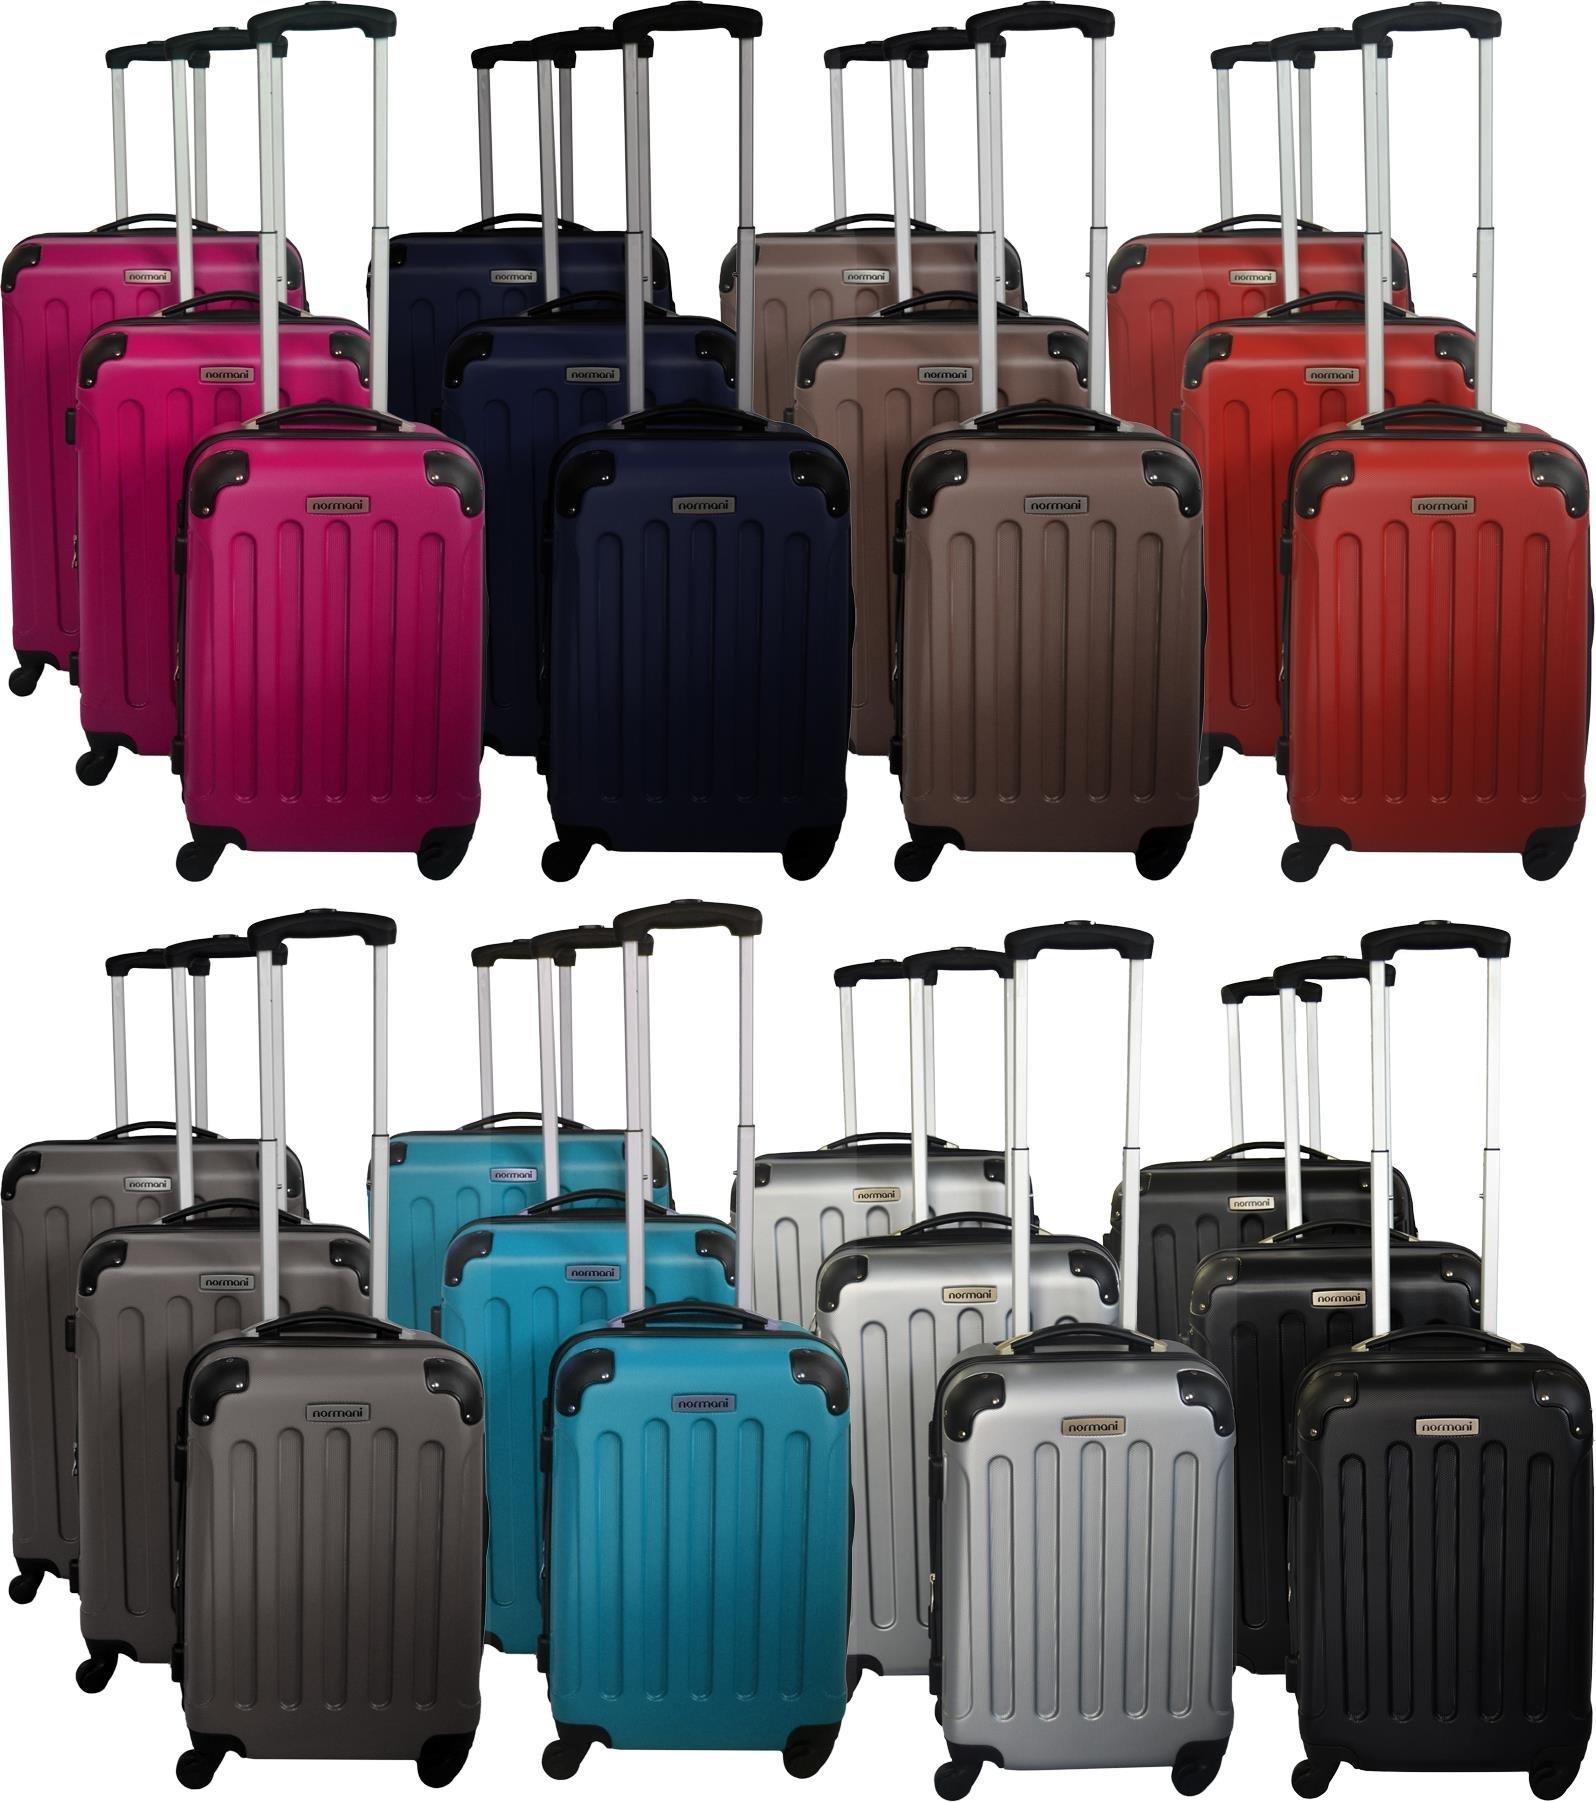 3er-Hartschalen-ABS-Hochglanz-Koffer-Set-in-verschiedenen-Motiven-und-Ausfhrungen